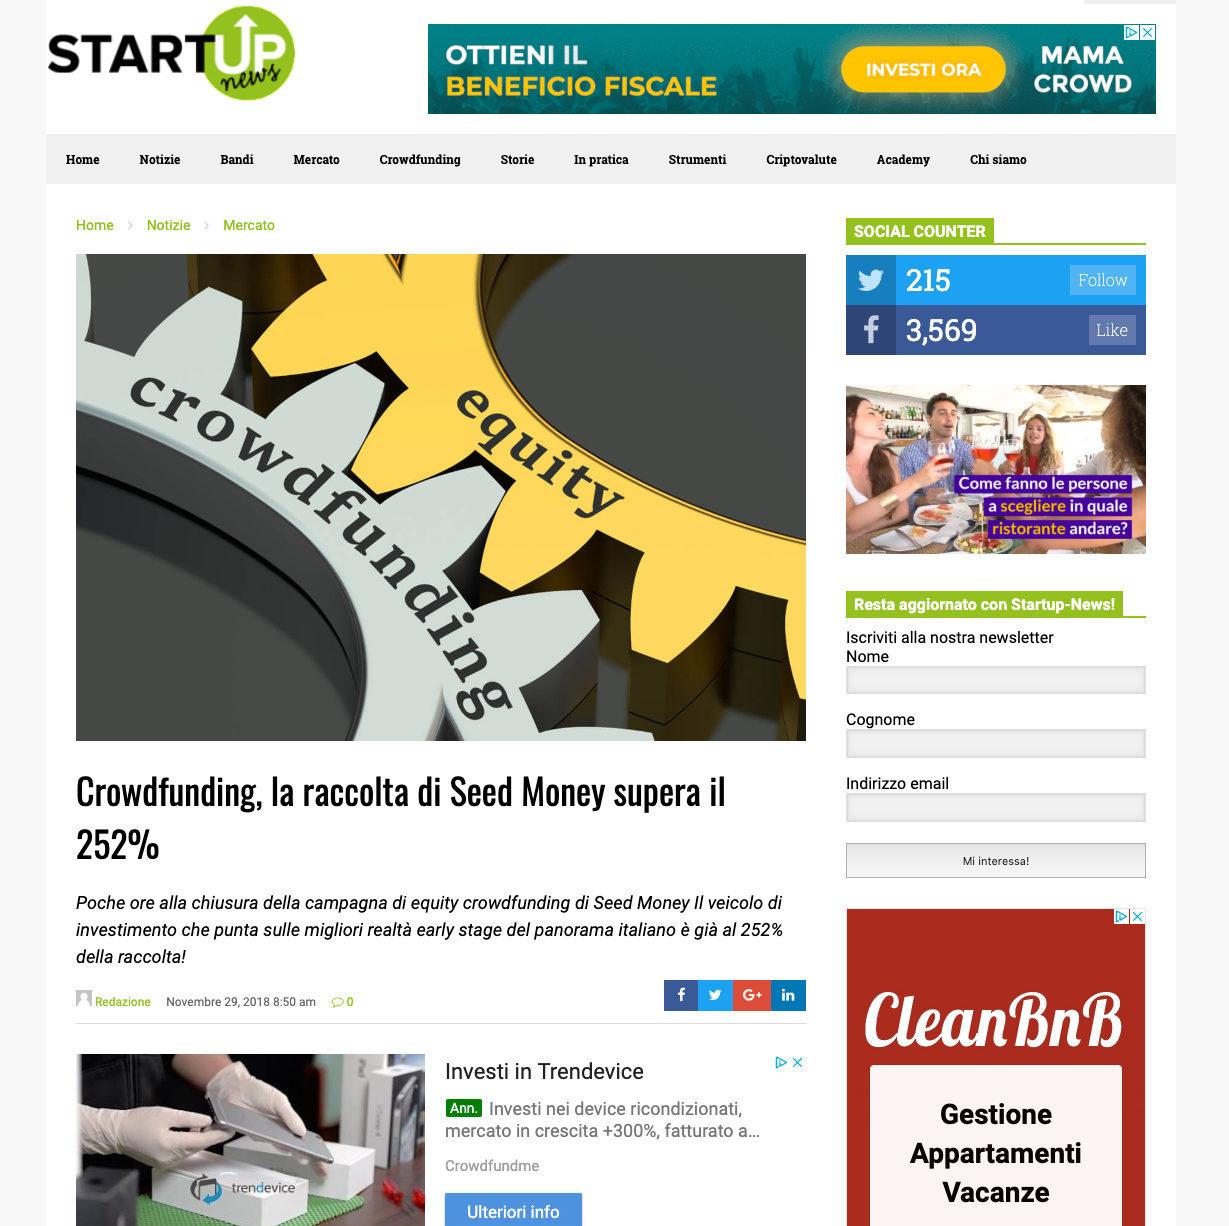 Crowdfunding__la_raccolta_di_Seed_Money_supera_il_252__-_Startup-News